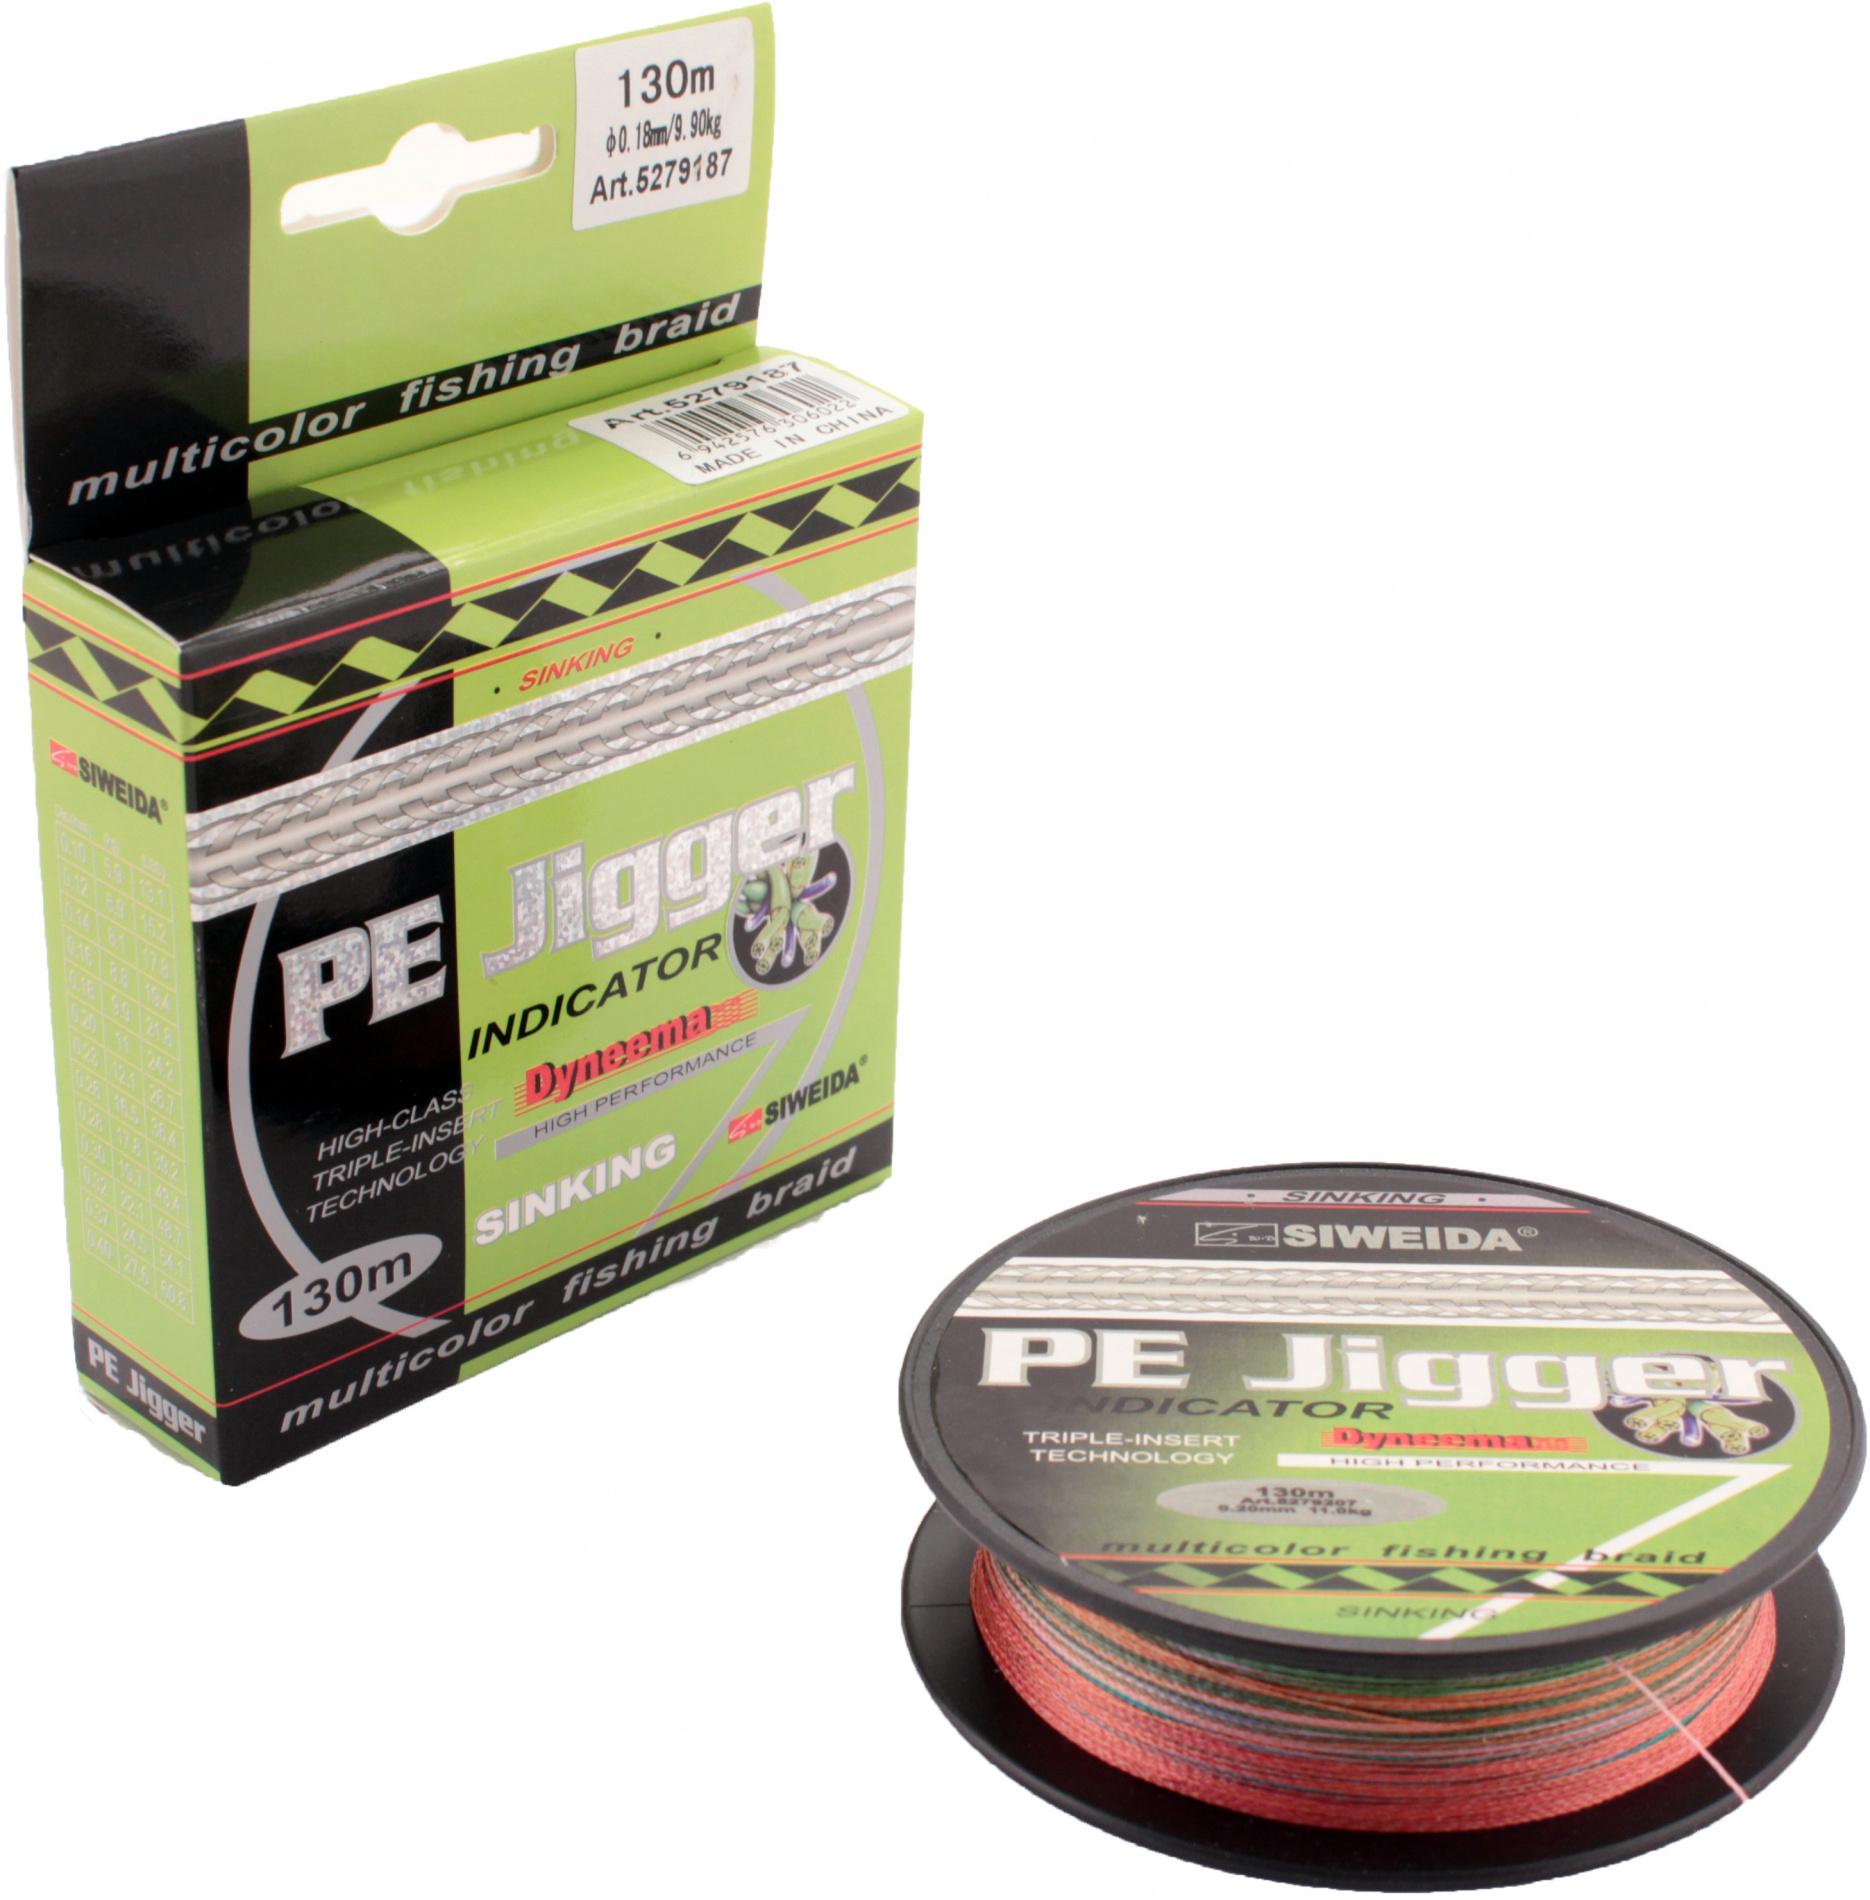 Леска плетеная SWD PE JIGGER INDICATOR 0,16 130м multicolor Леска плетеная<br>Пятицветный тонущий плетеный шнур, изготовленный <br>из волокна DYNEEMA, сечением 0,16мм (разрывная <br>нагрузка 8,80кг) и длиной 130м. Благодаря микроволокнам <br>полиэтилена (Super PE) шнур имеет очень плотное <br>плетение, не впитывает воду, имеет гладкую <br>поверхность и одинаковое сечение по всей <br>длине. Отличается практически нулевой растяжимостью, <br>что позволяет полностью контролировать <br>спиннинговую приманку. Длина куска одного <br>цвета - 10м. Это позволяет рыболовам точно <br>контролировать дальность заброса приманки. <br>Подходит для всех видов ловли хищника.<br>